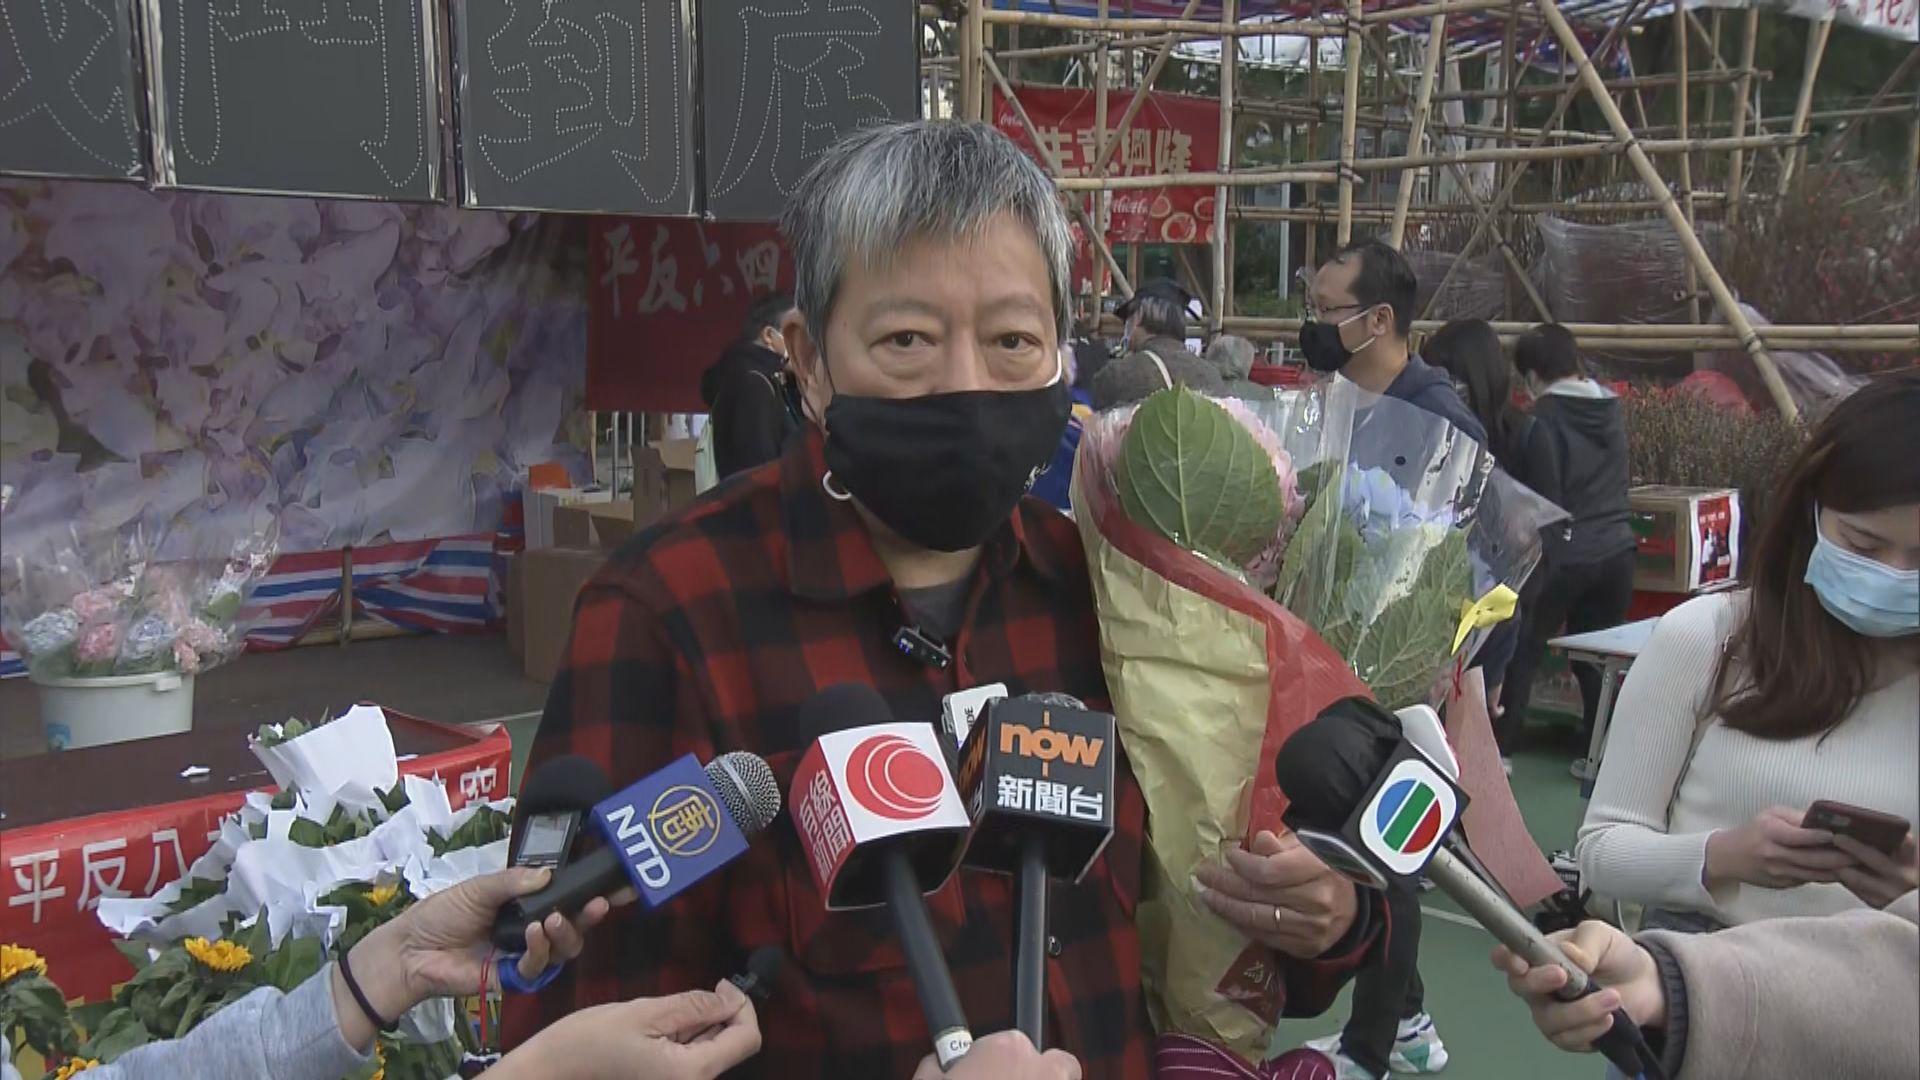 食環署終止支聯會年宵花檔 支聯會批政治打壓